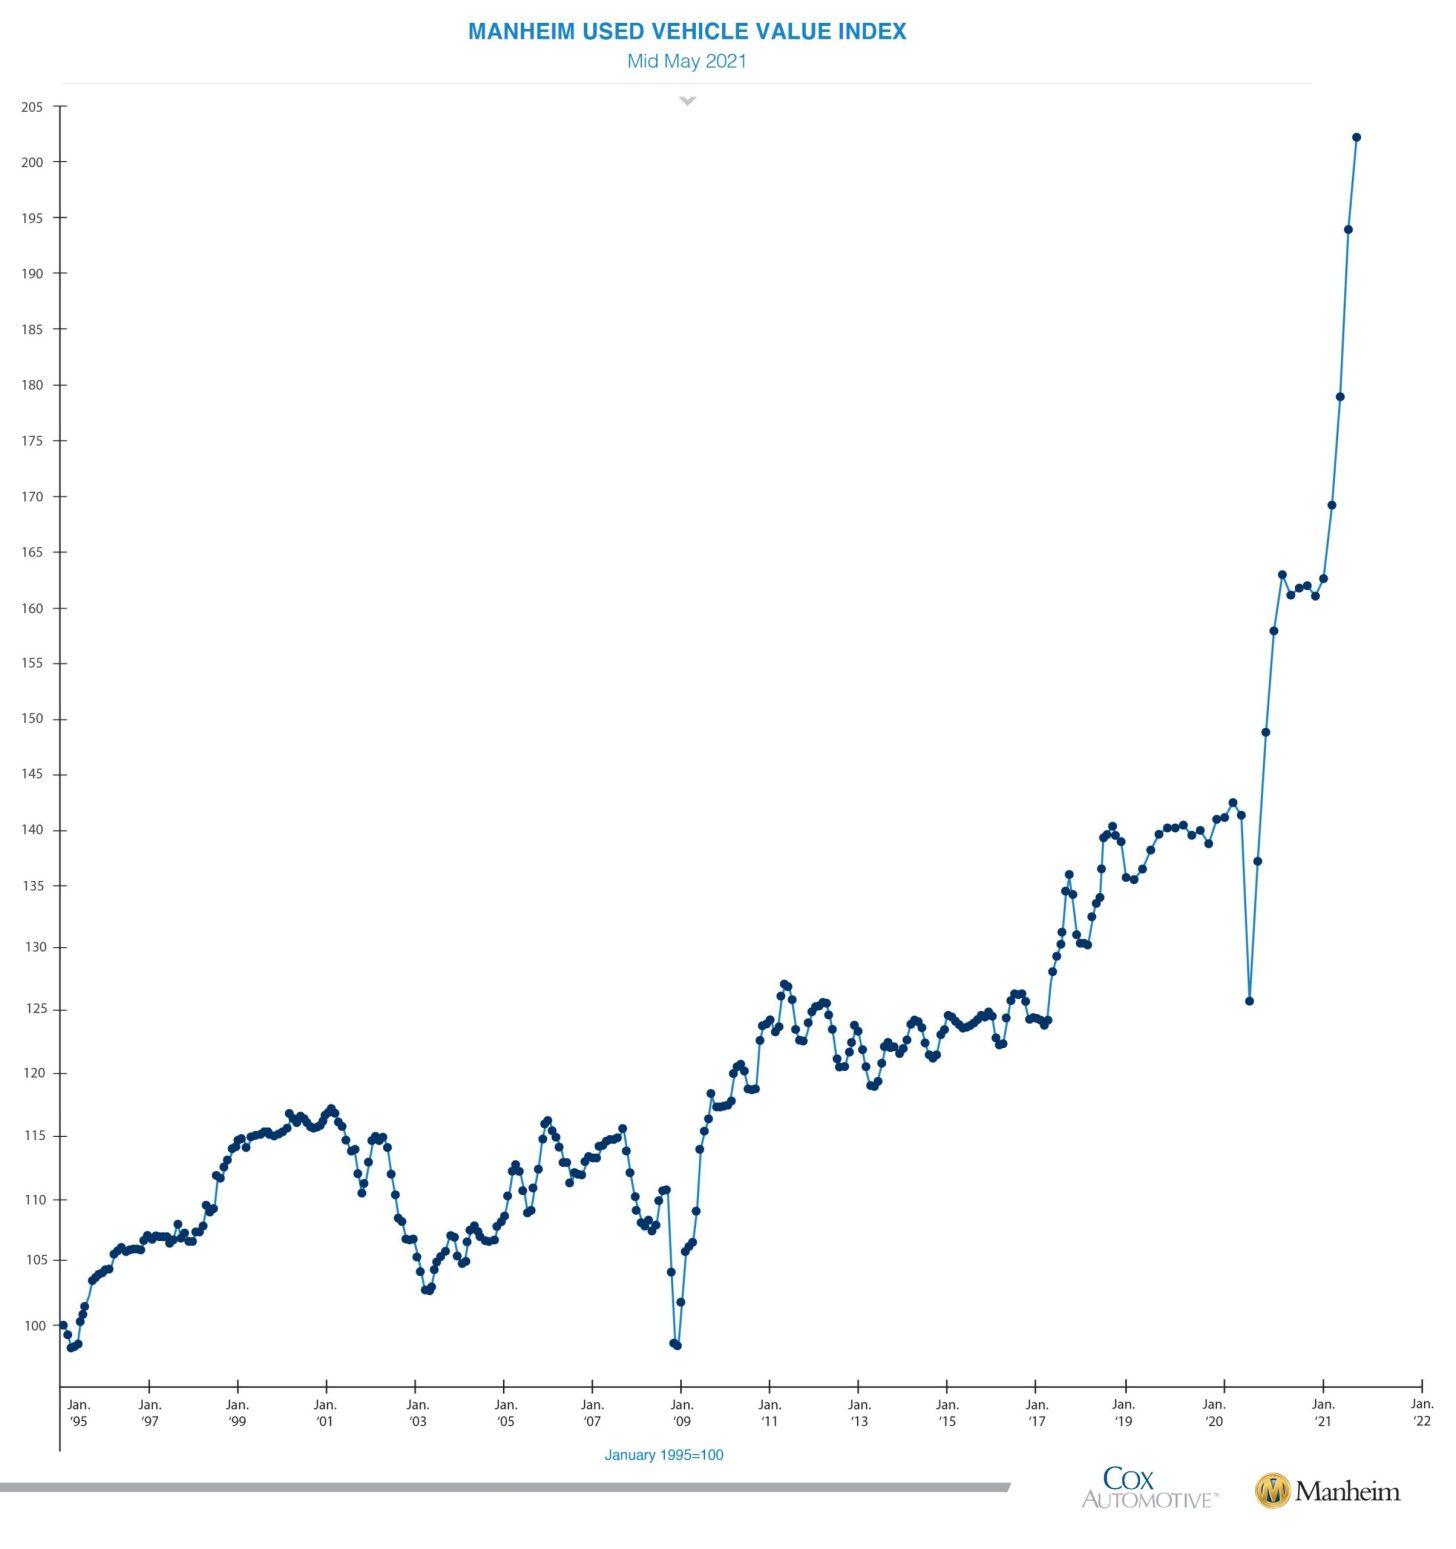 Averaged used vehicle value index